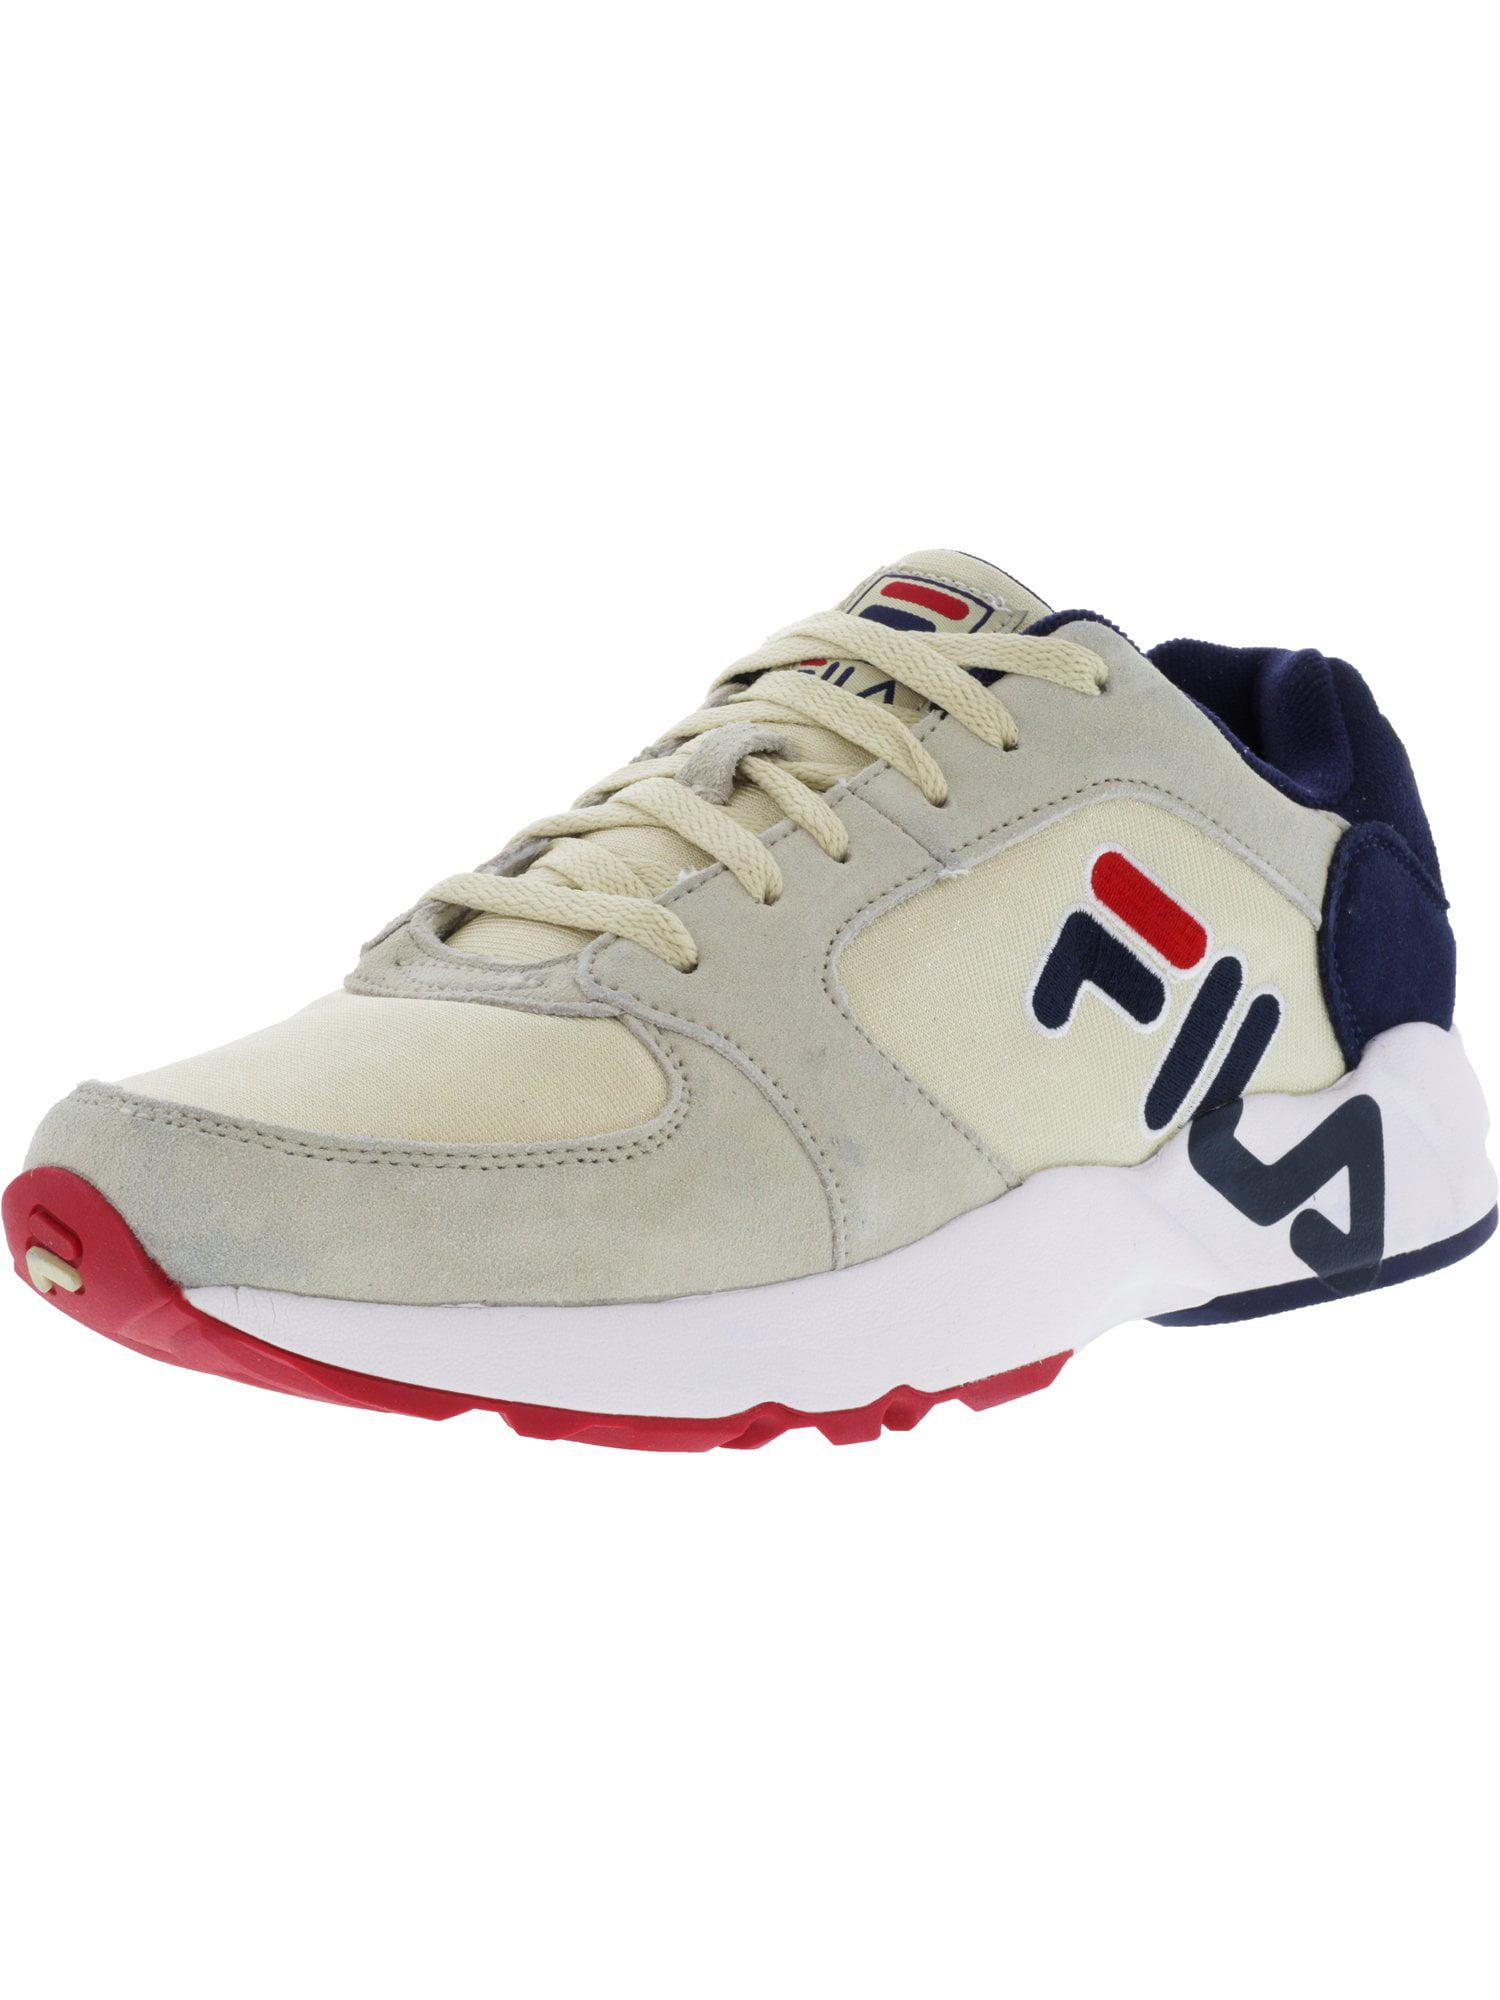 Fila Men's Mindbender Cream   Navy White Ankle-High Running Shoe 13M by Fila